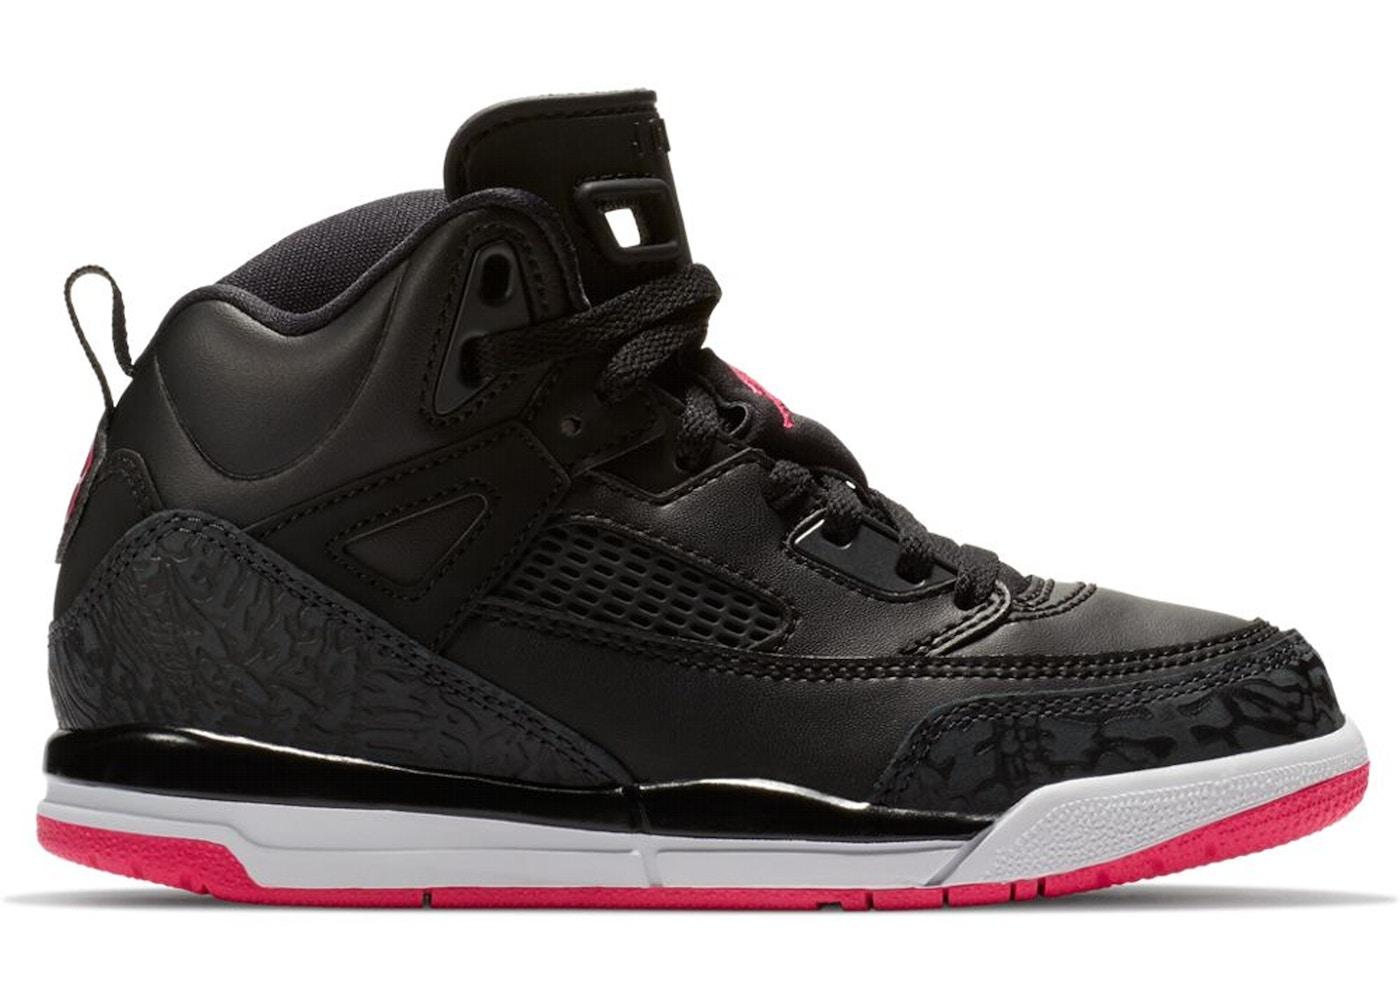 watch 394f4 4dadb Buy Air Jordan Spizike Shoes   Deadstock Sneakers